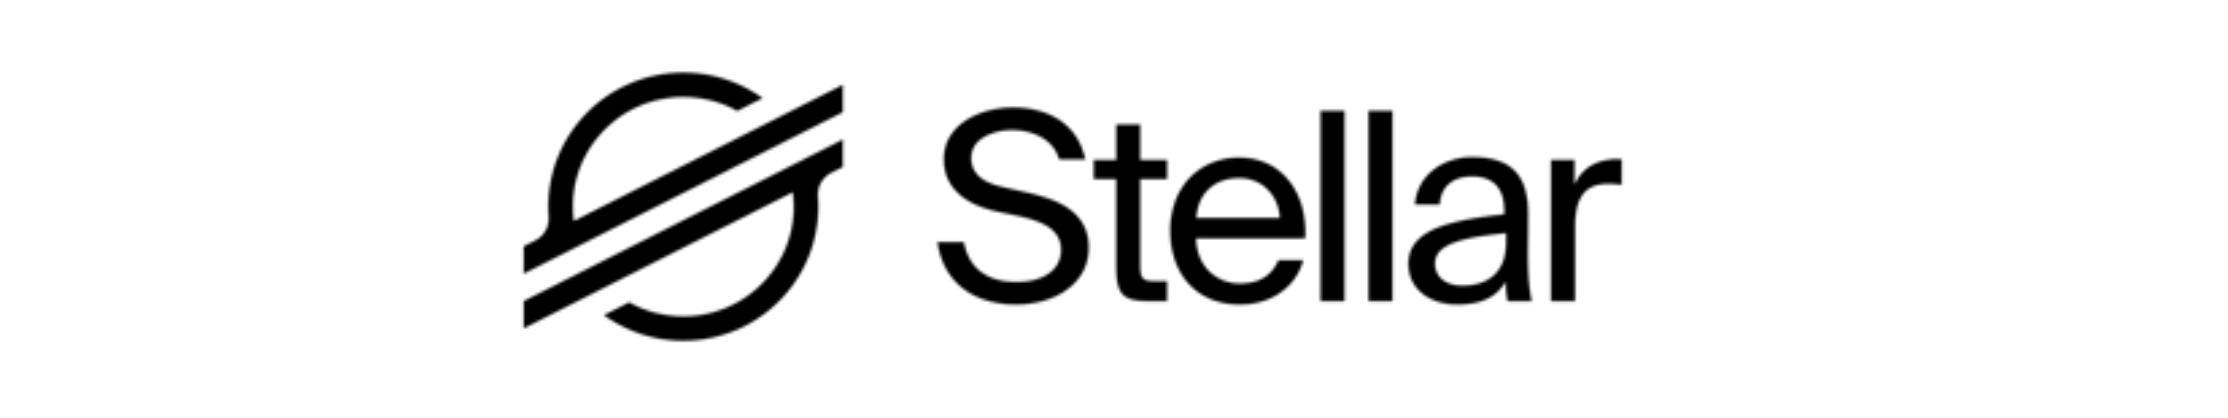 Stellar: lạm phát có phải là một cách dễ kiếm tiền không?